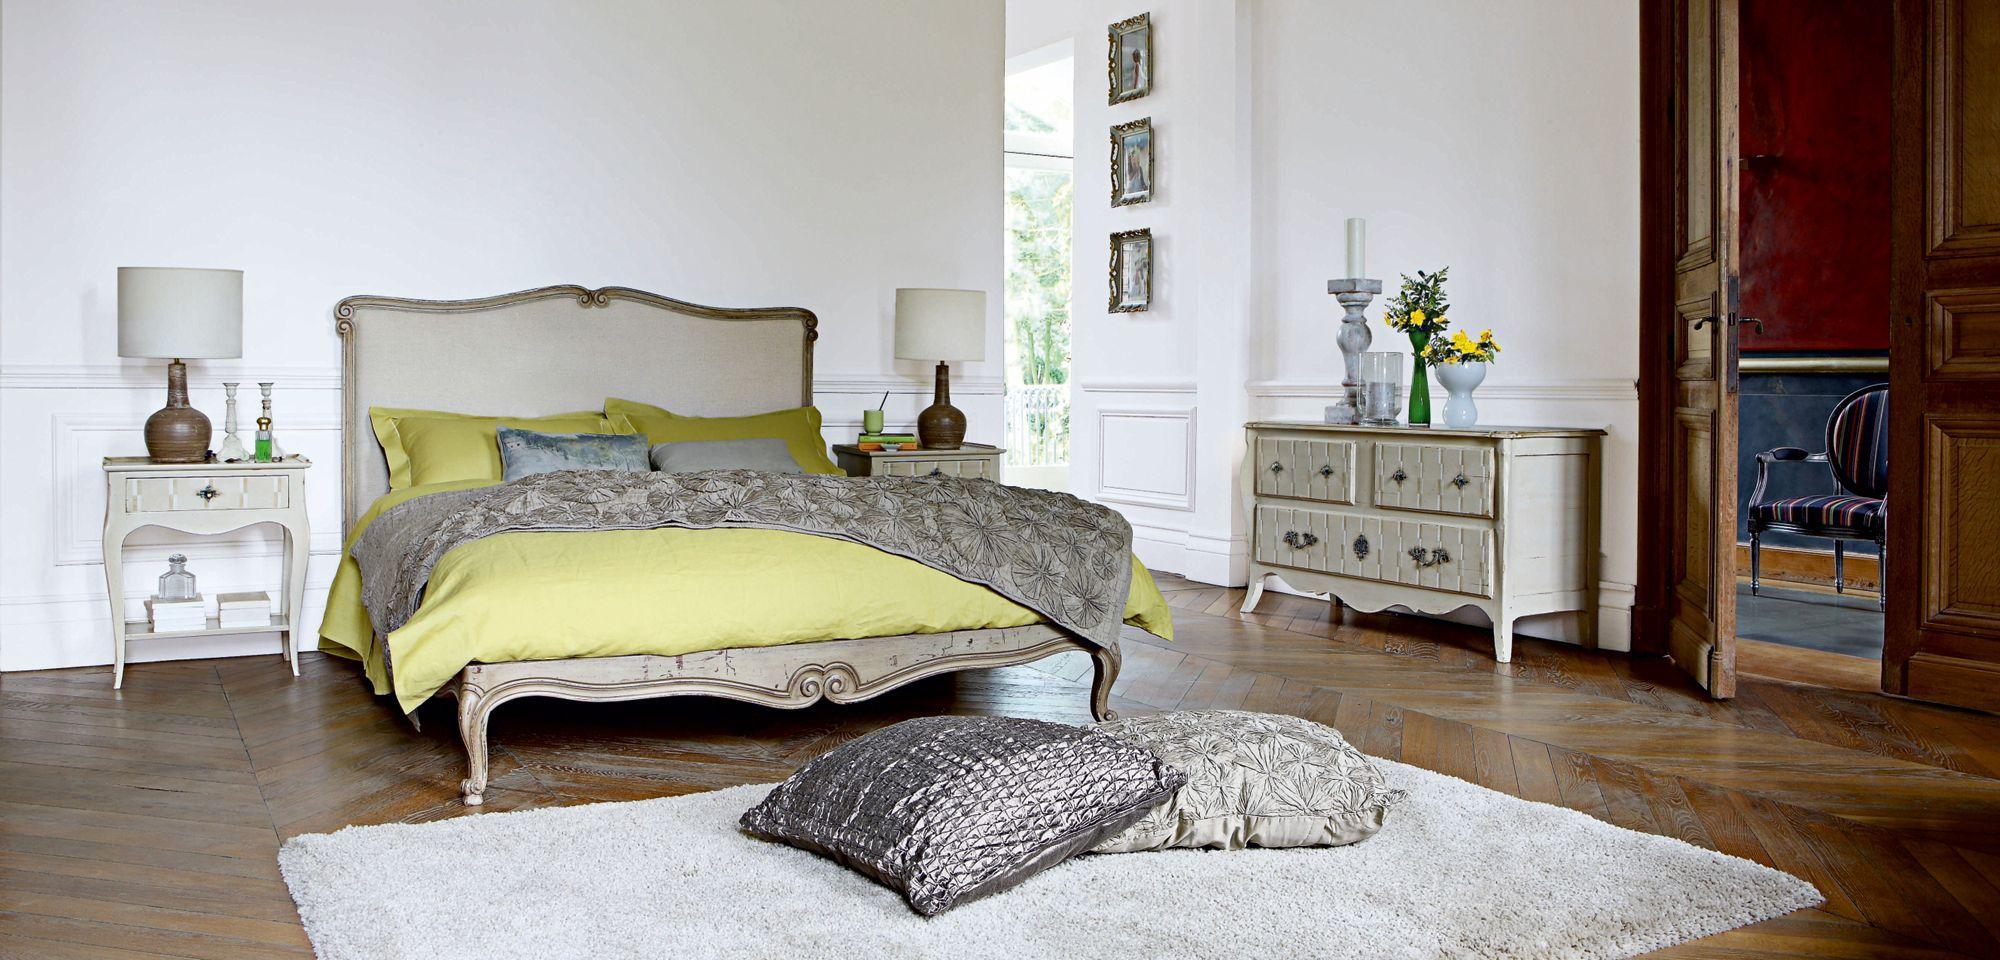 estampe bed  french country furniture bedroom vintage